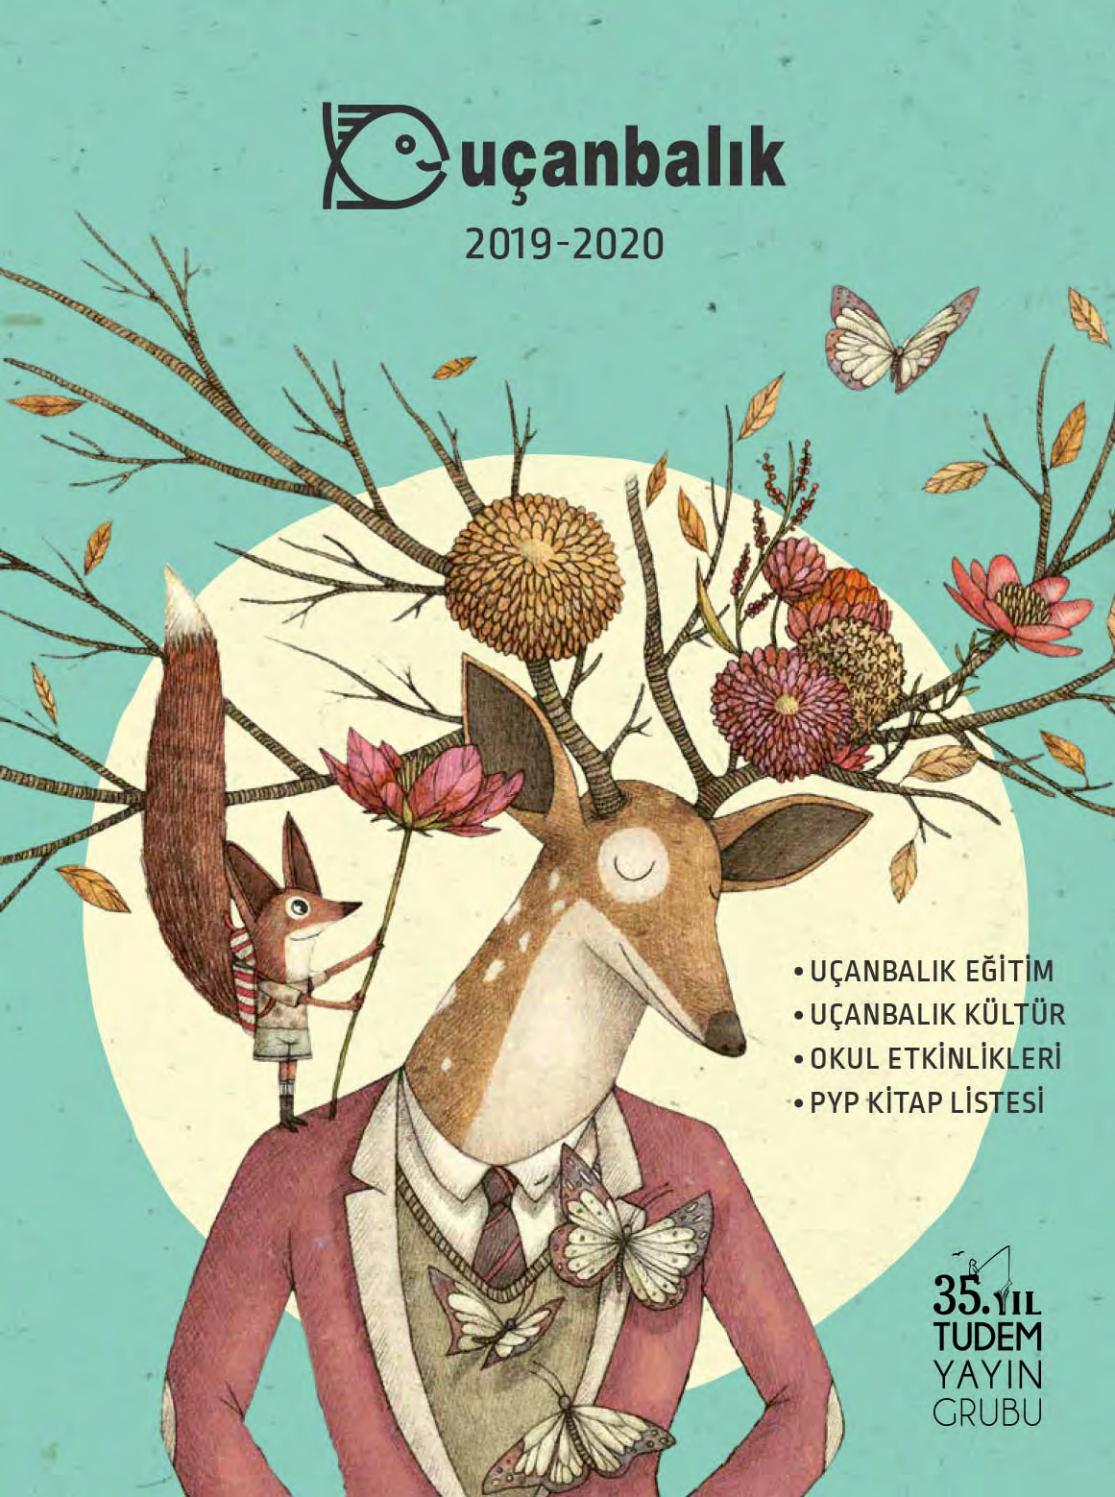 Uçanbaalık Yayın Kataloğu 2019 - 2020 By Tudem - Issuu intérieur Creer Un Jardin Sec